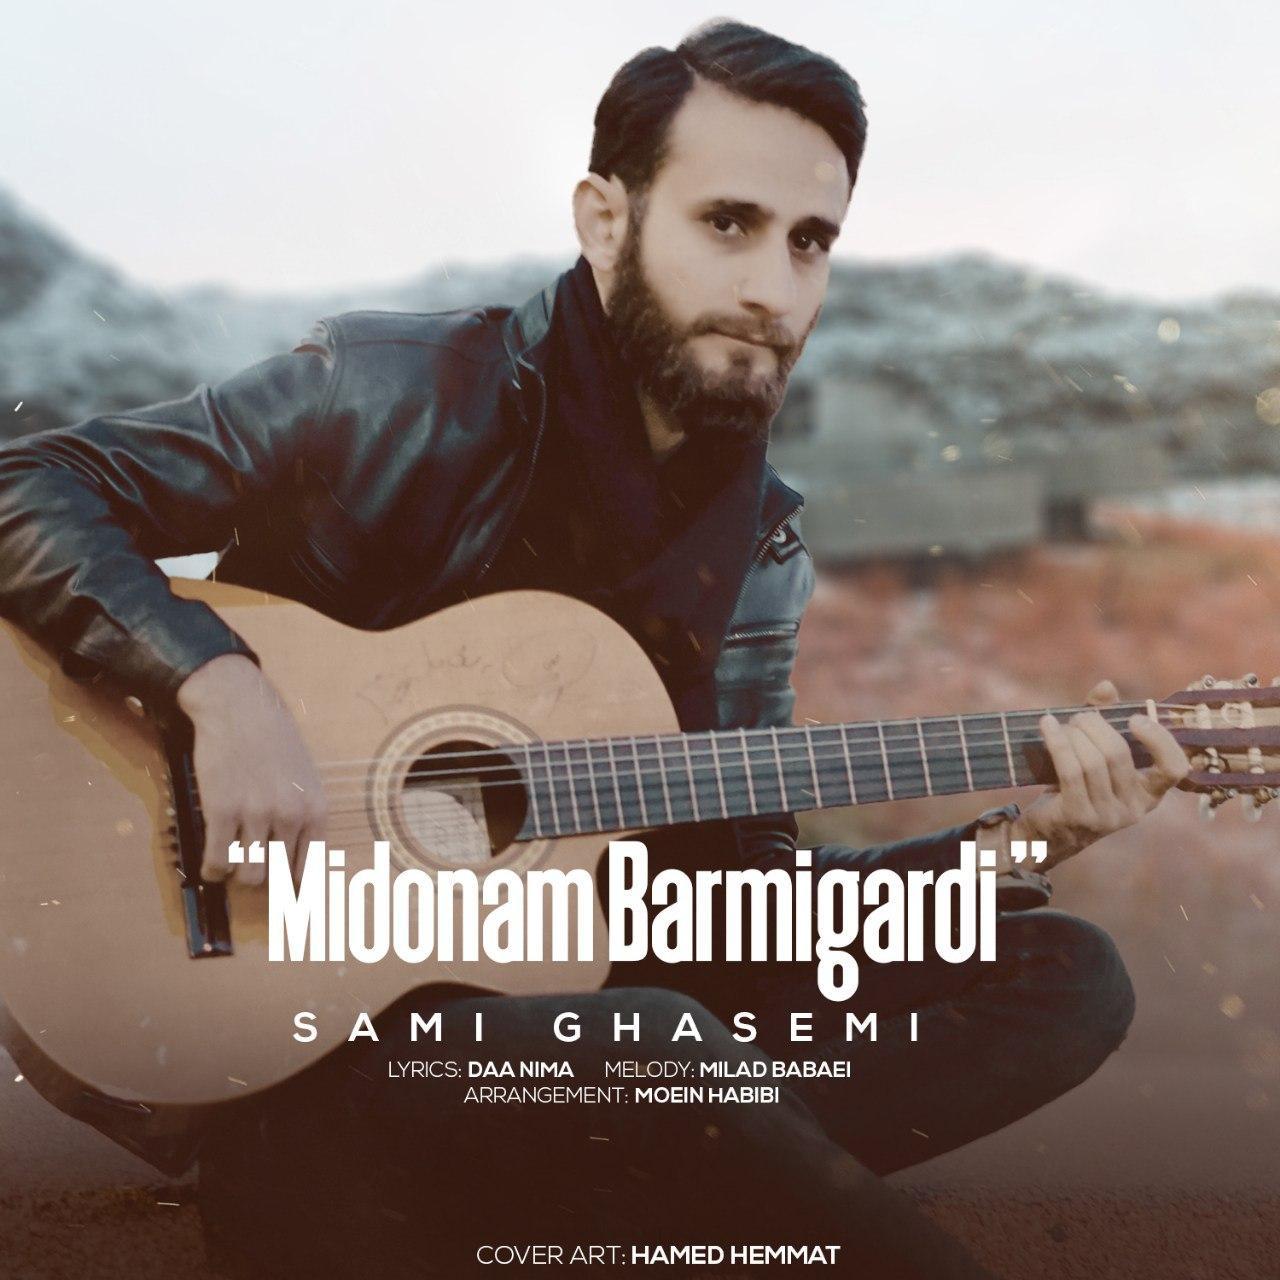 Sami Ghasemi – Midonam Barmigardi